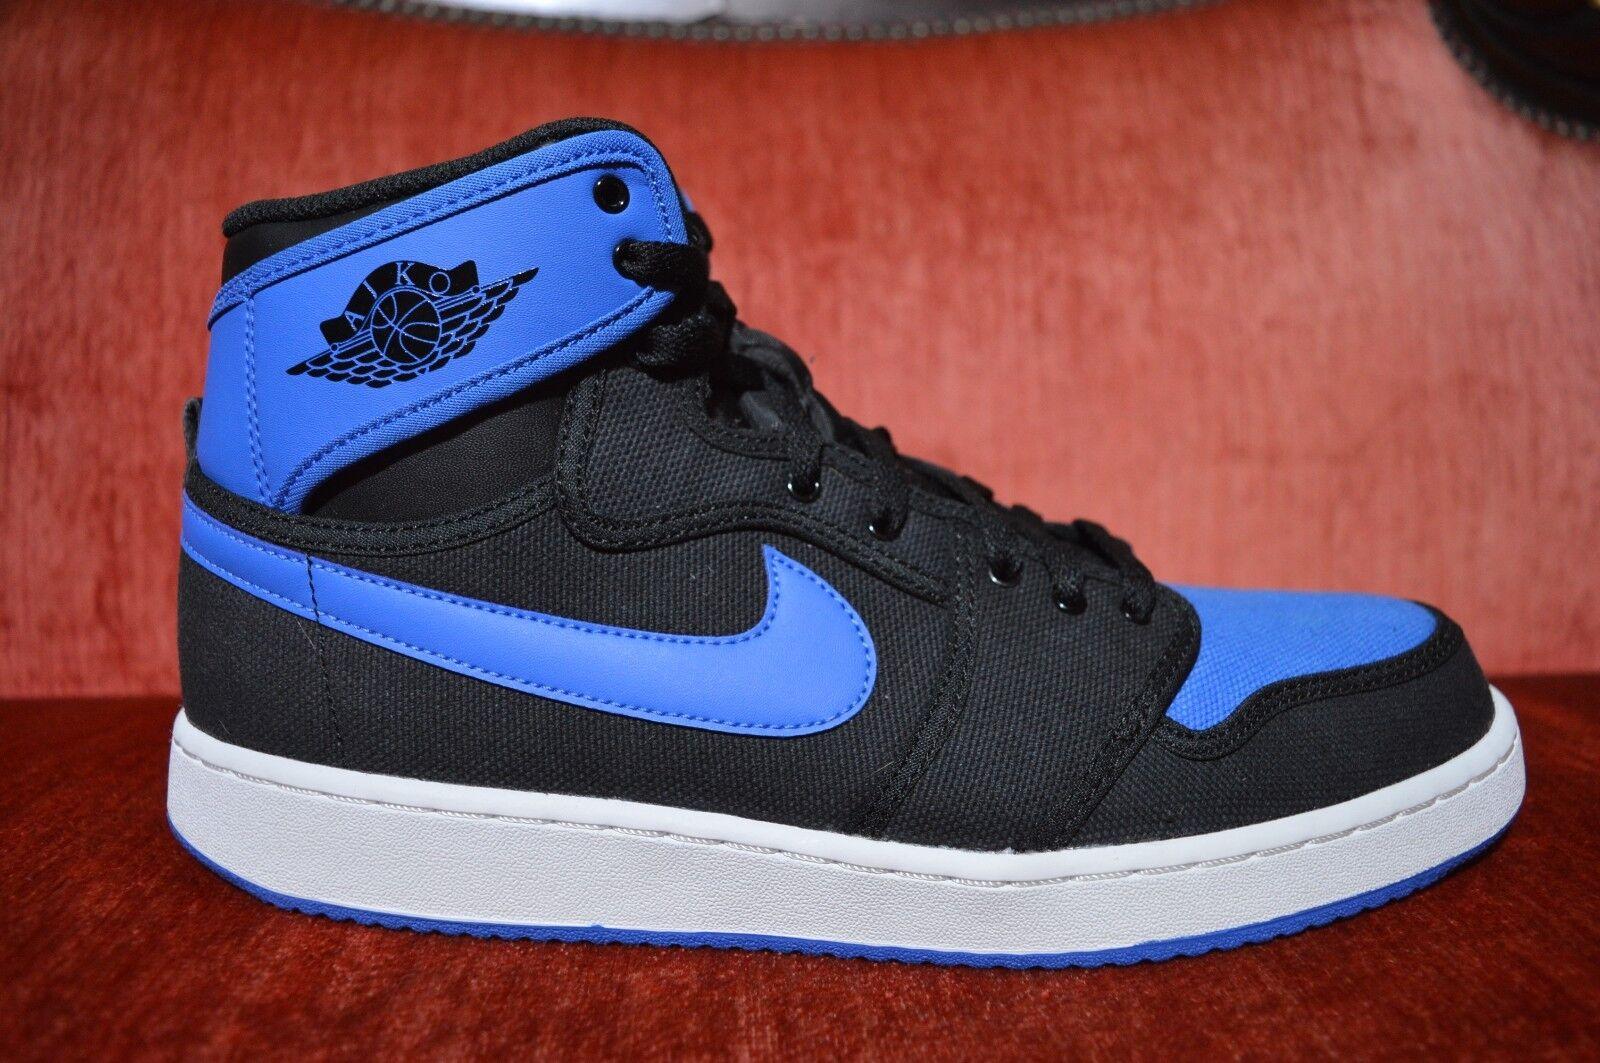 Nike Air Jordan I Retro 1 KO HIGH OG AJKO BLACK SPORT ROYAL blueE WHITE BRED 11